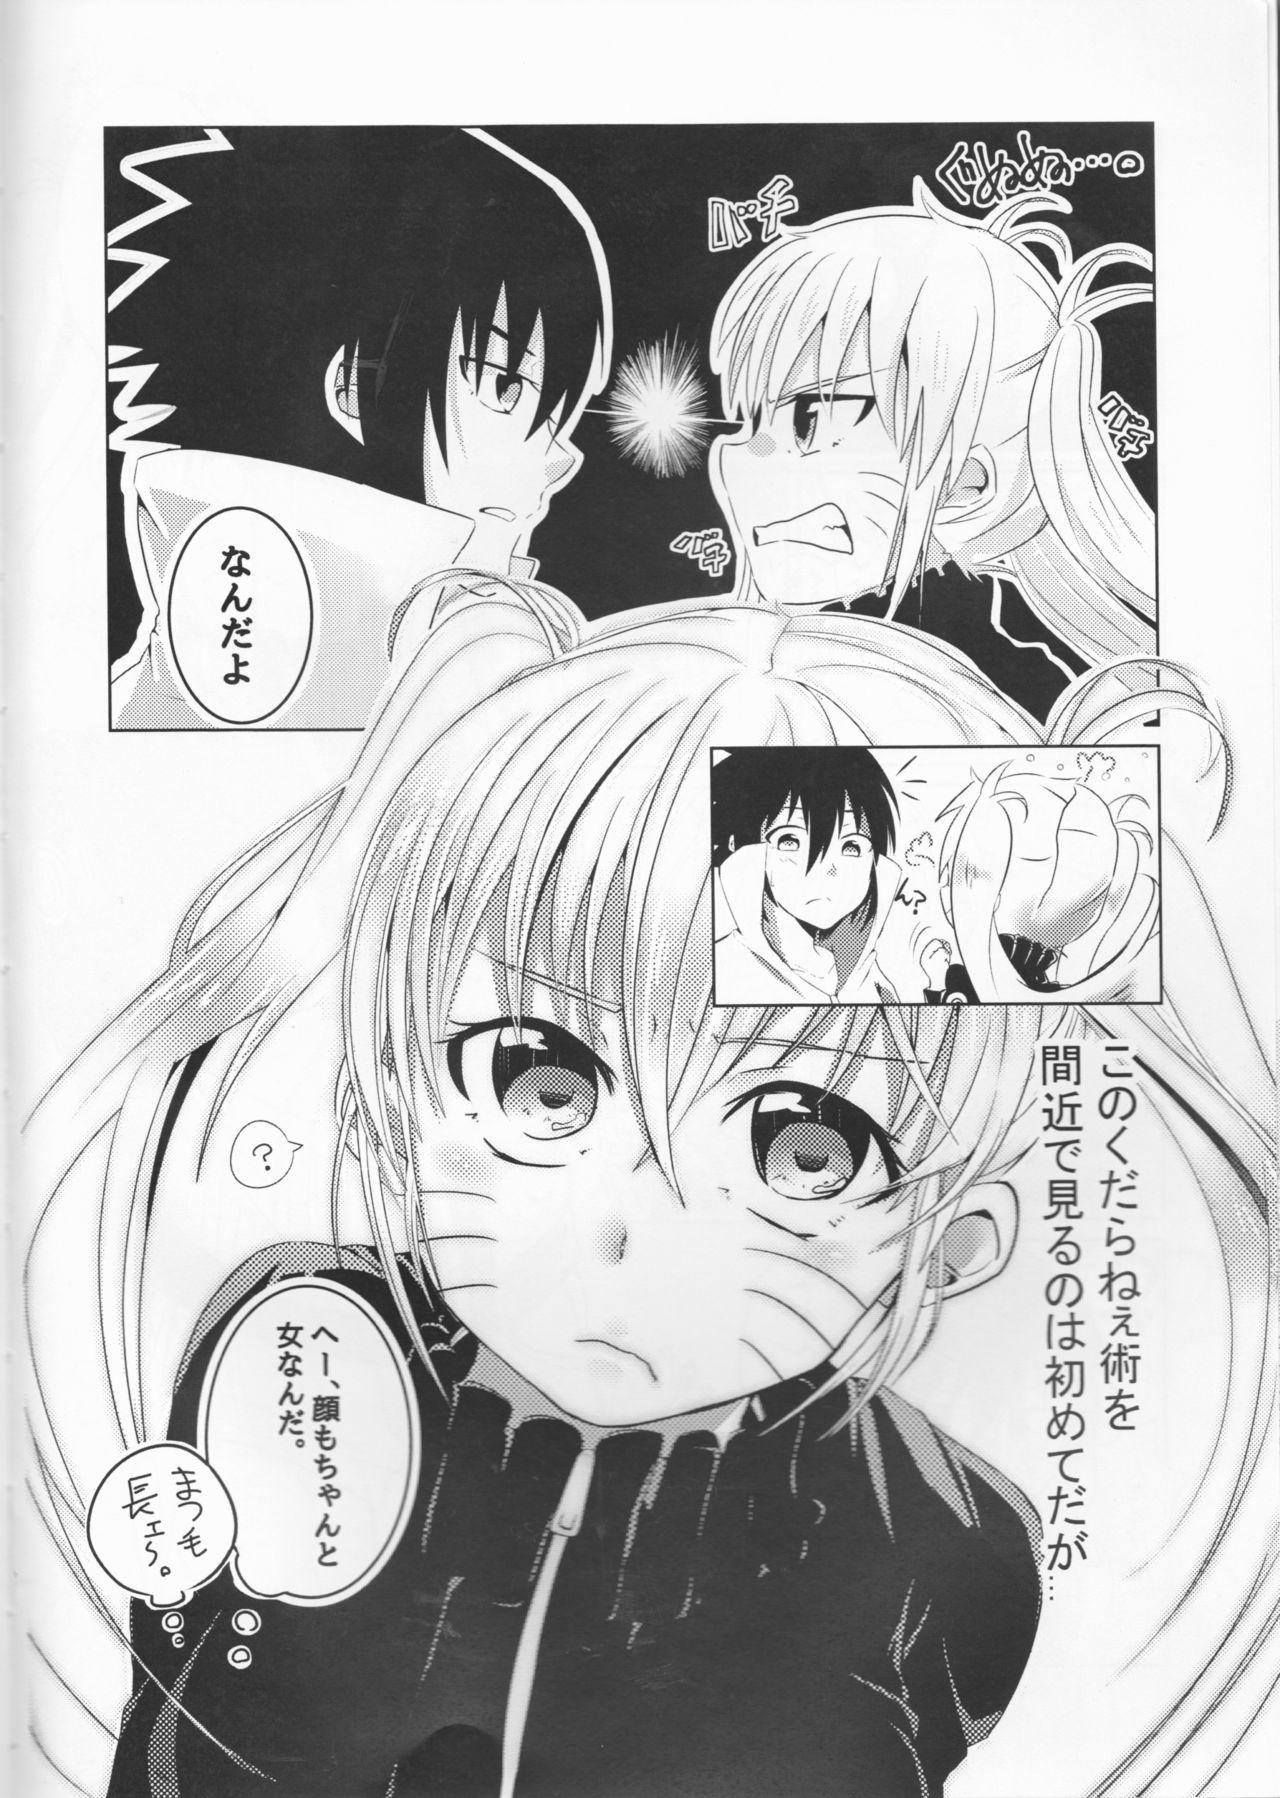 Douyara Usuratonkachi no Kudaranai Jutsu wa Ore ni Kouka ga Nai rashii. 5